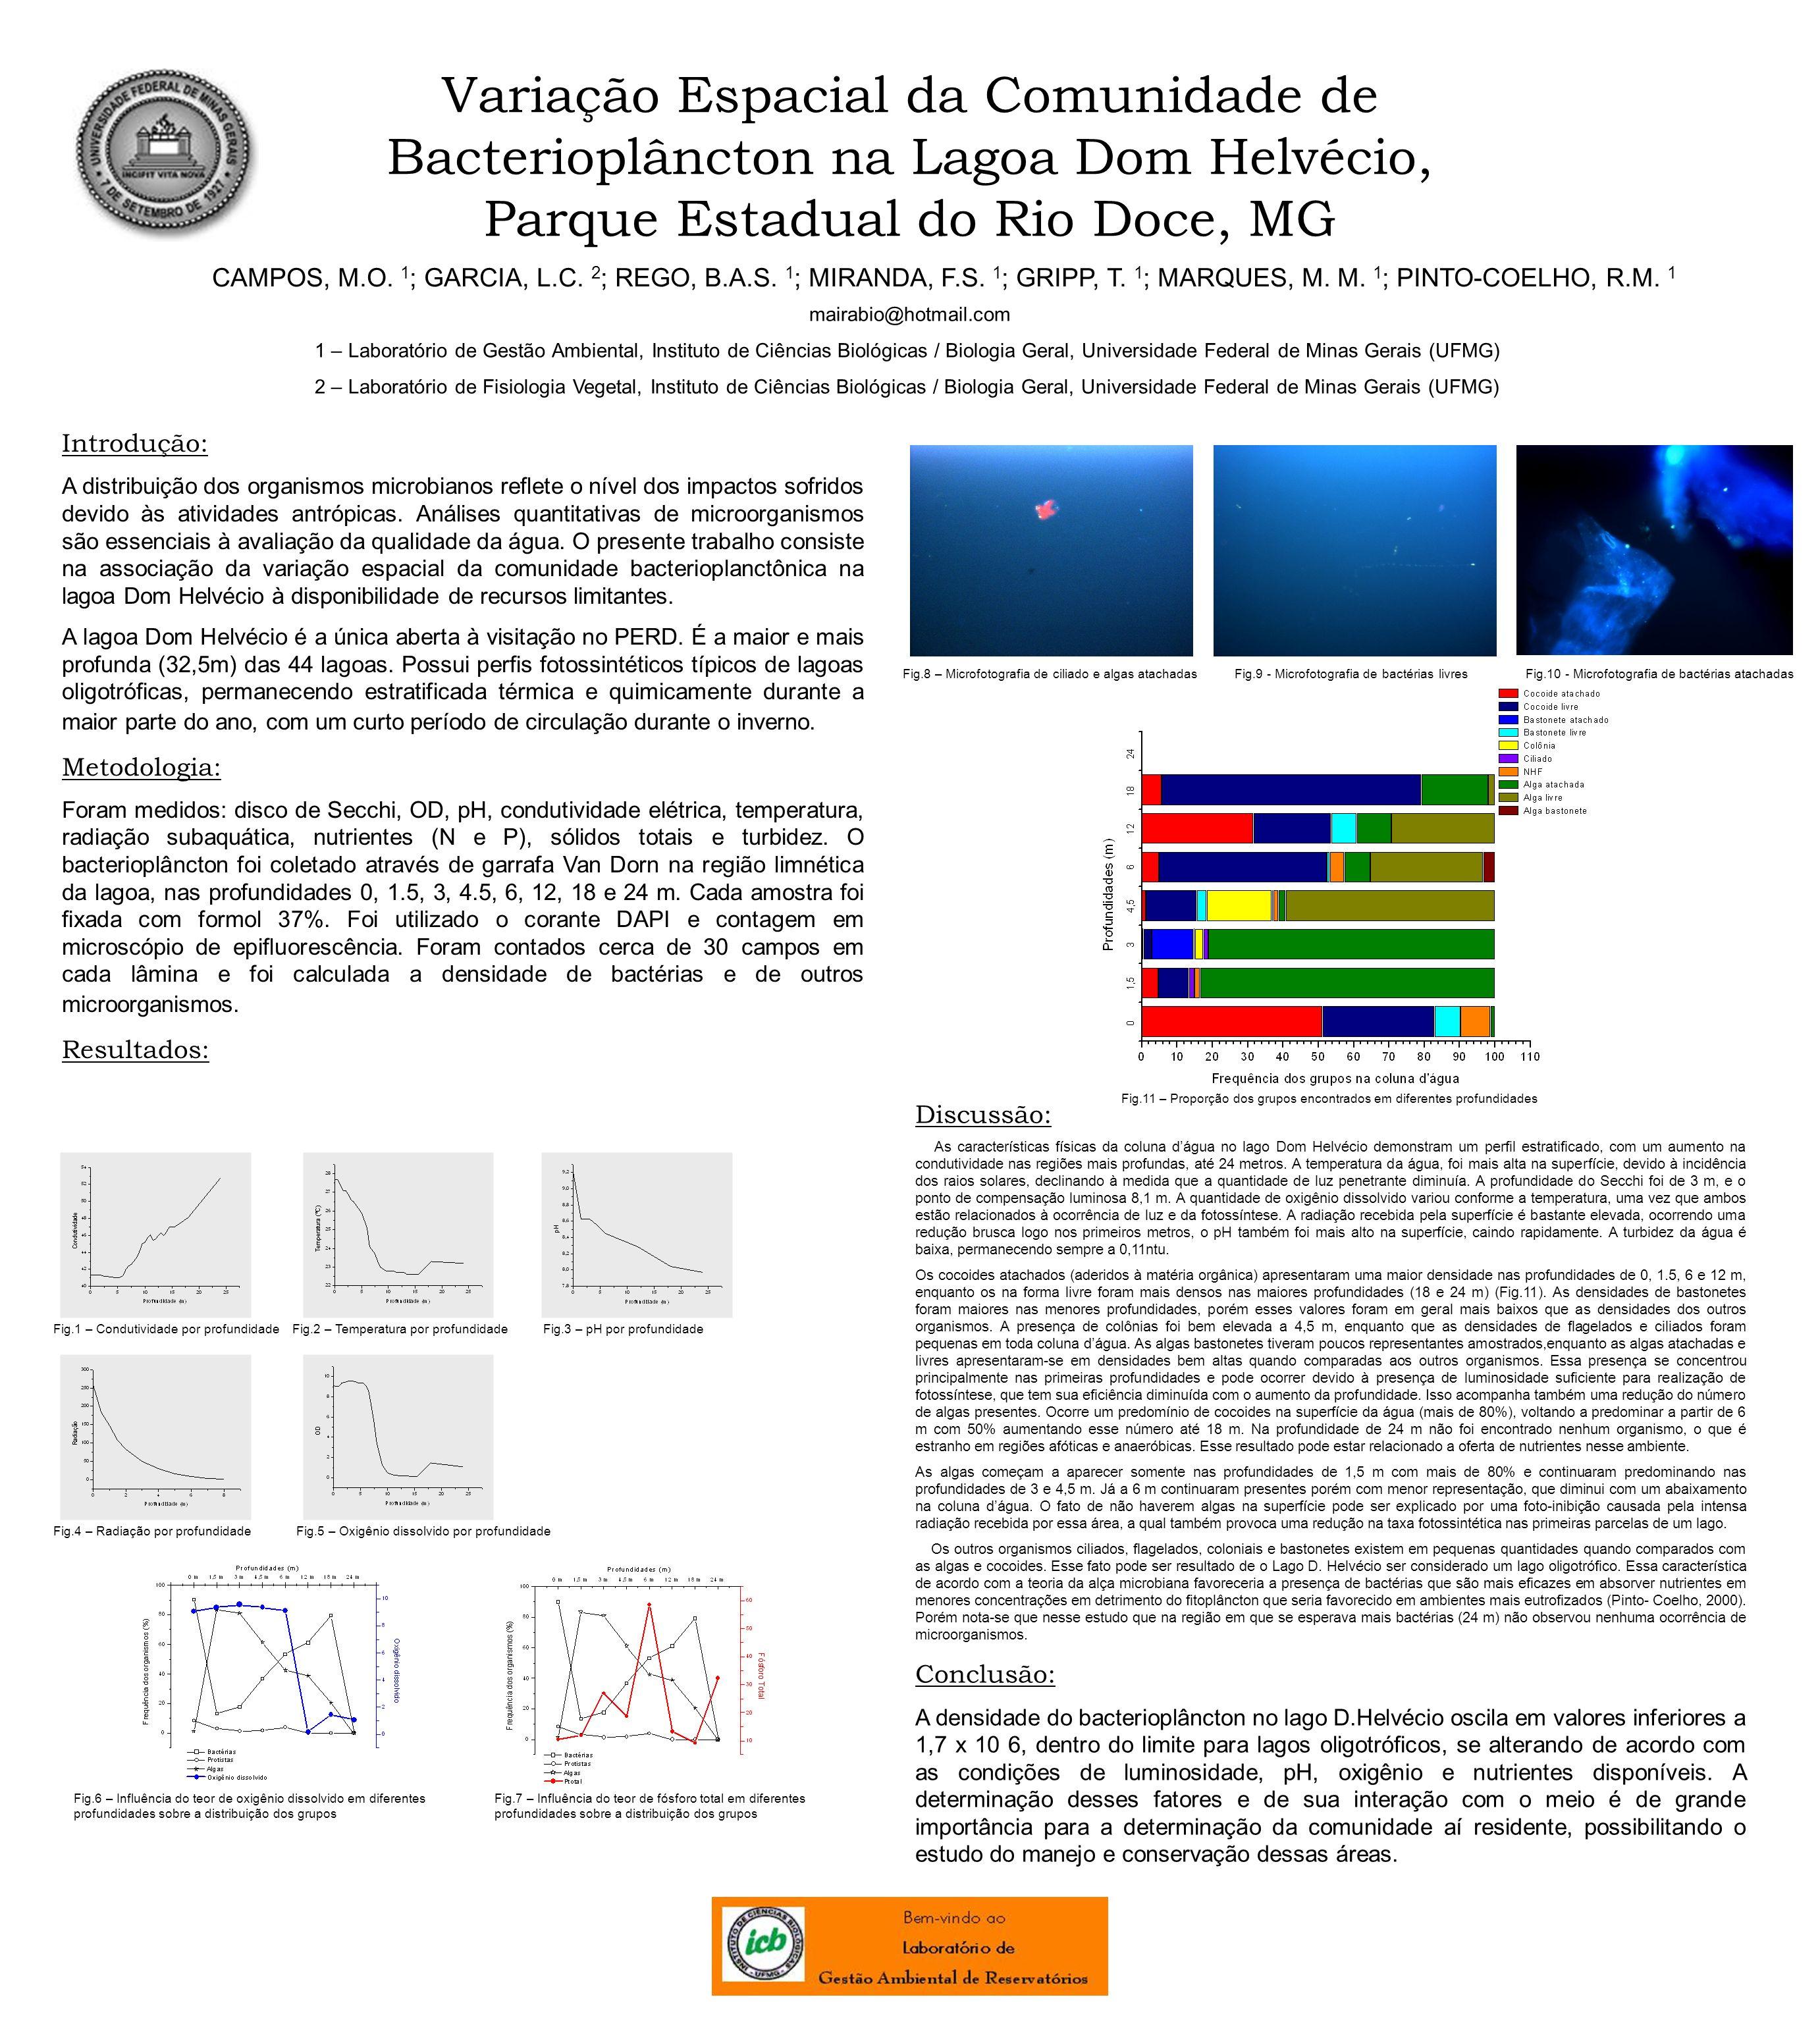 Variação Espacial da Comunidade de Bacterioplâncton na Lagoa Dom Helvécio, Parque Estadual do Rio Doce, MG CAMPOS, M.O. 1 ; GARCIA, L.C. 2 ; REGO, B.A